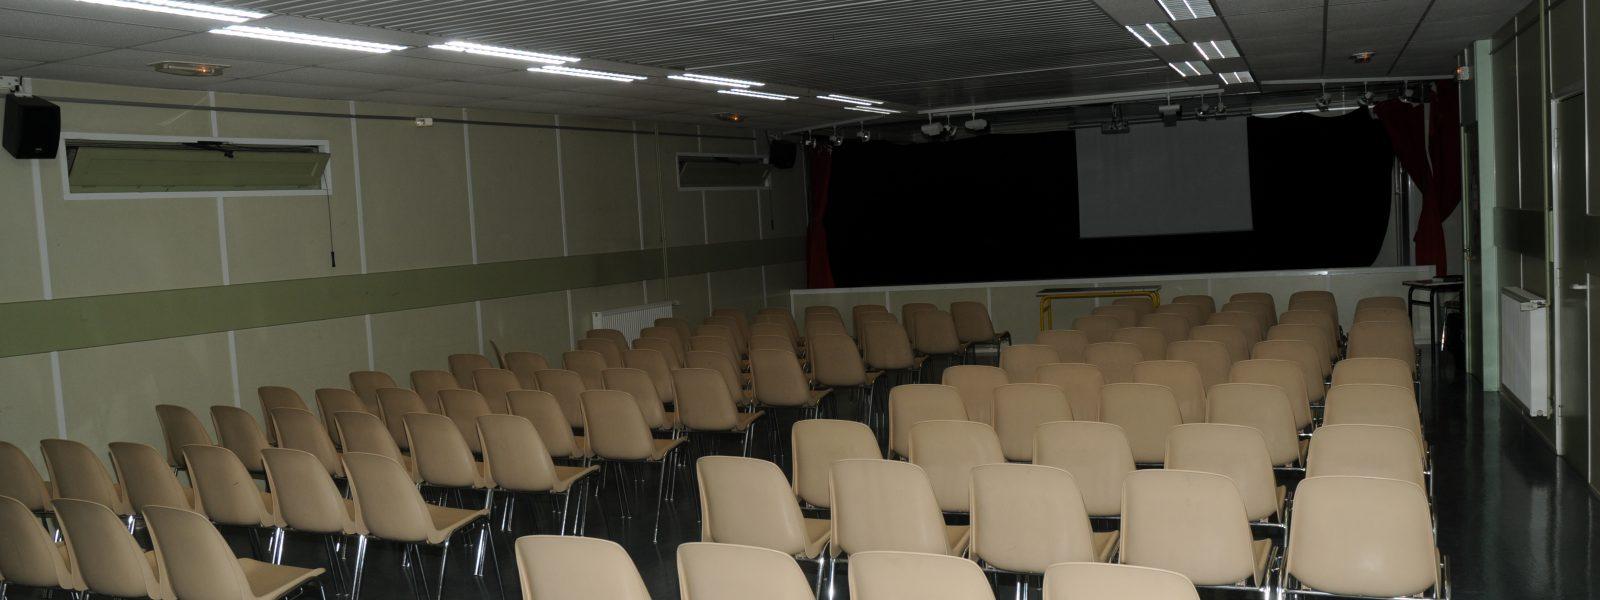 Salle Arc-En-Ciel : lieu de réunions des parents